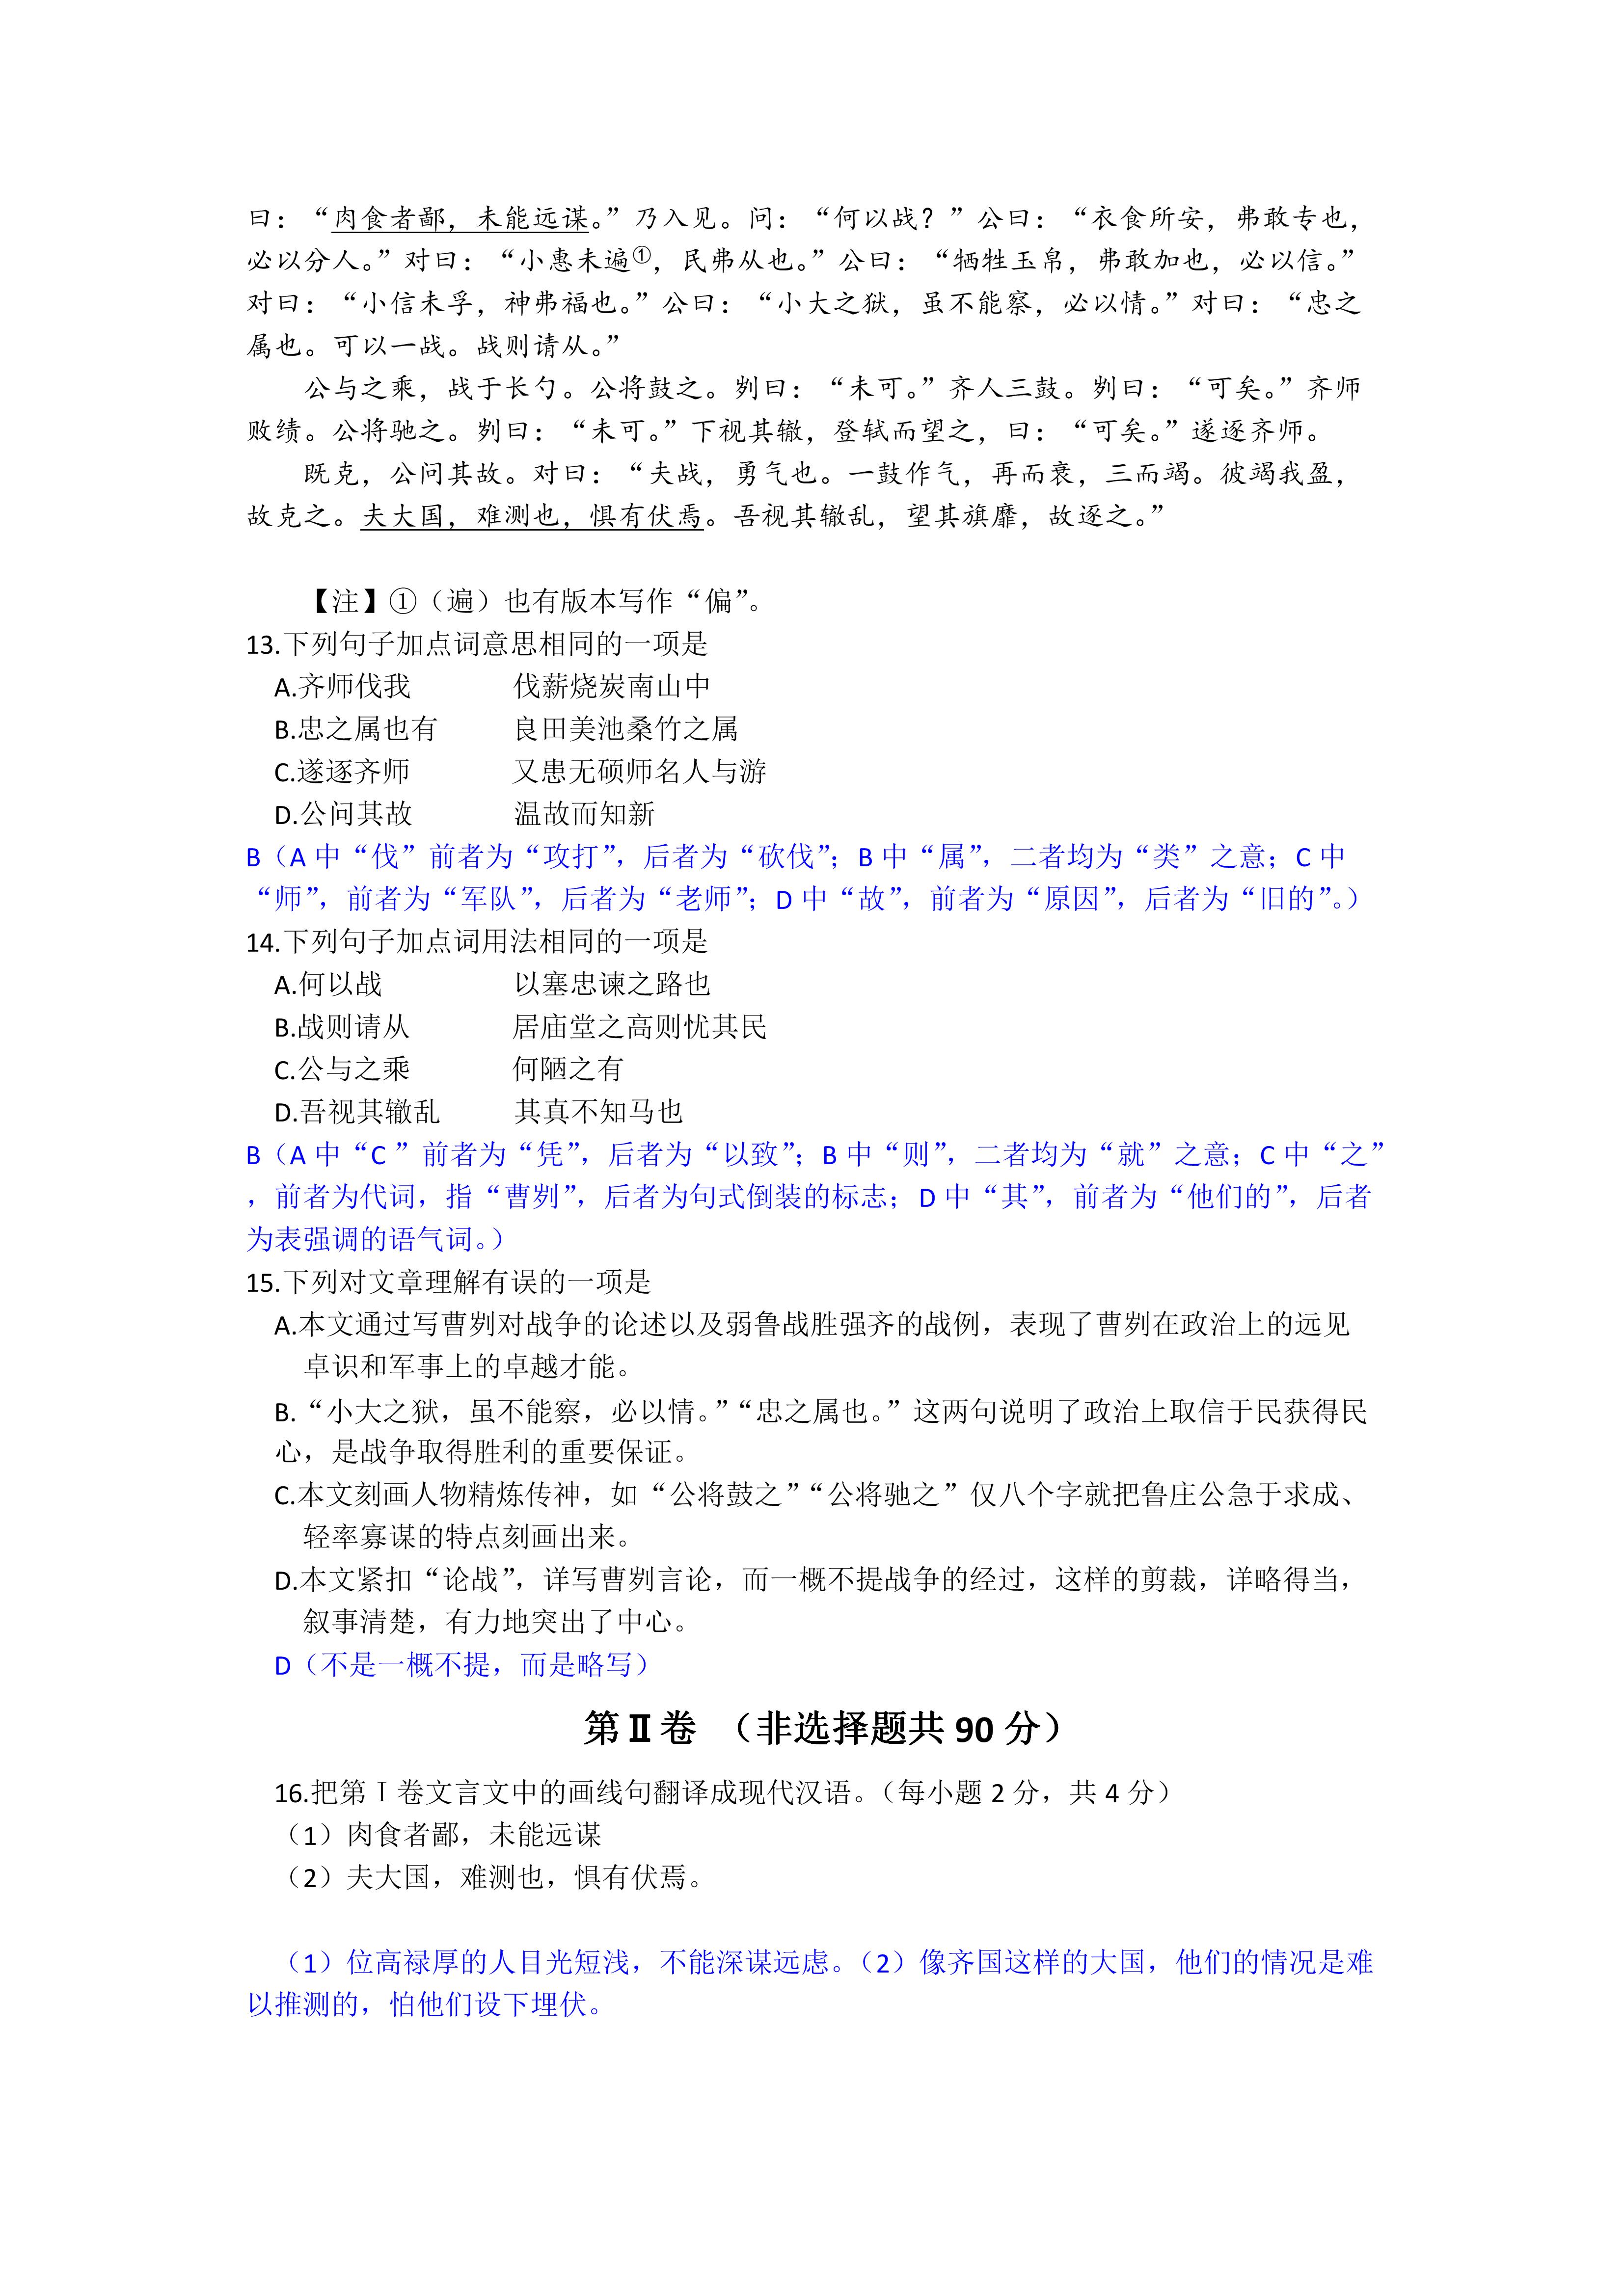 2019年广西玉林中考语文真题及答案【图片版】5.png